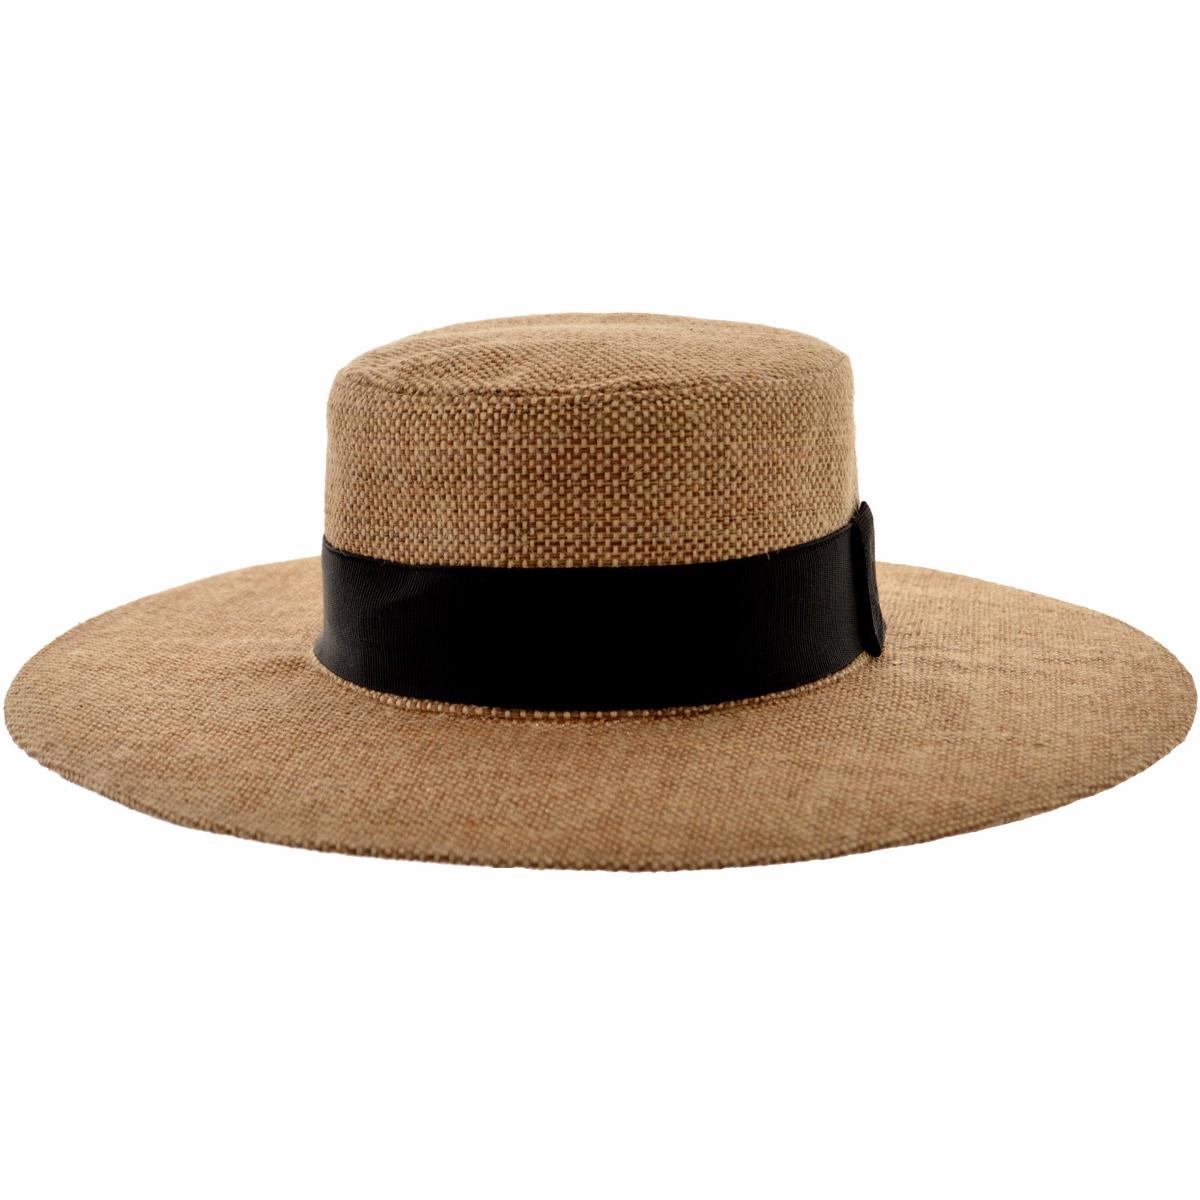 sombrero hacienda rafia compañia de sombreros p733091. Cargando zoom. a13d80c9d80